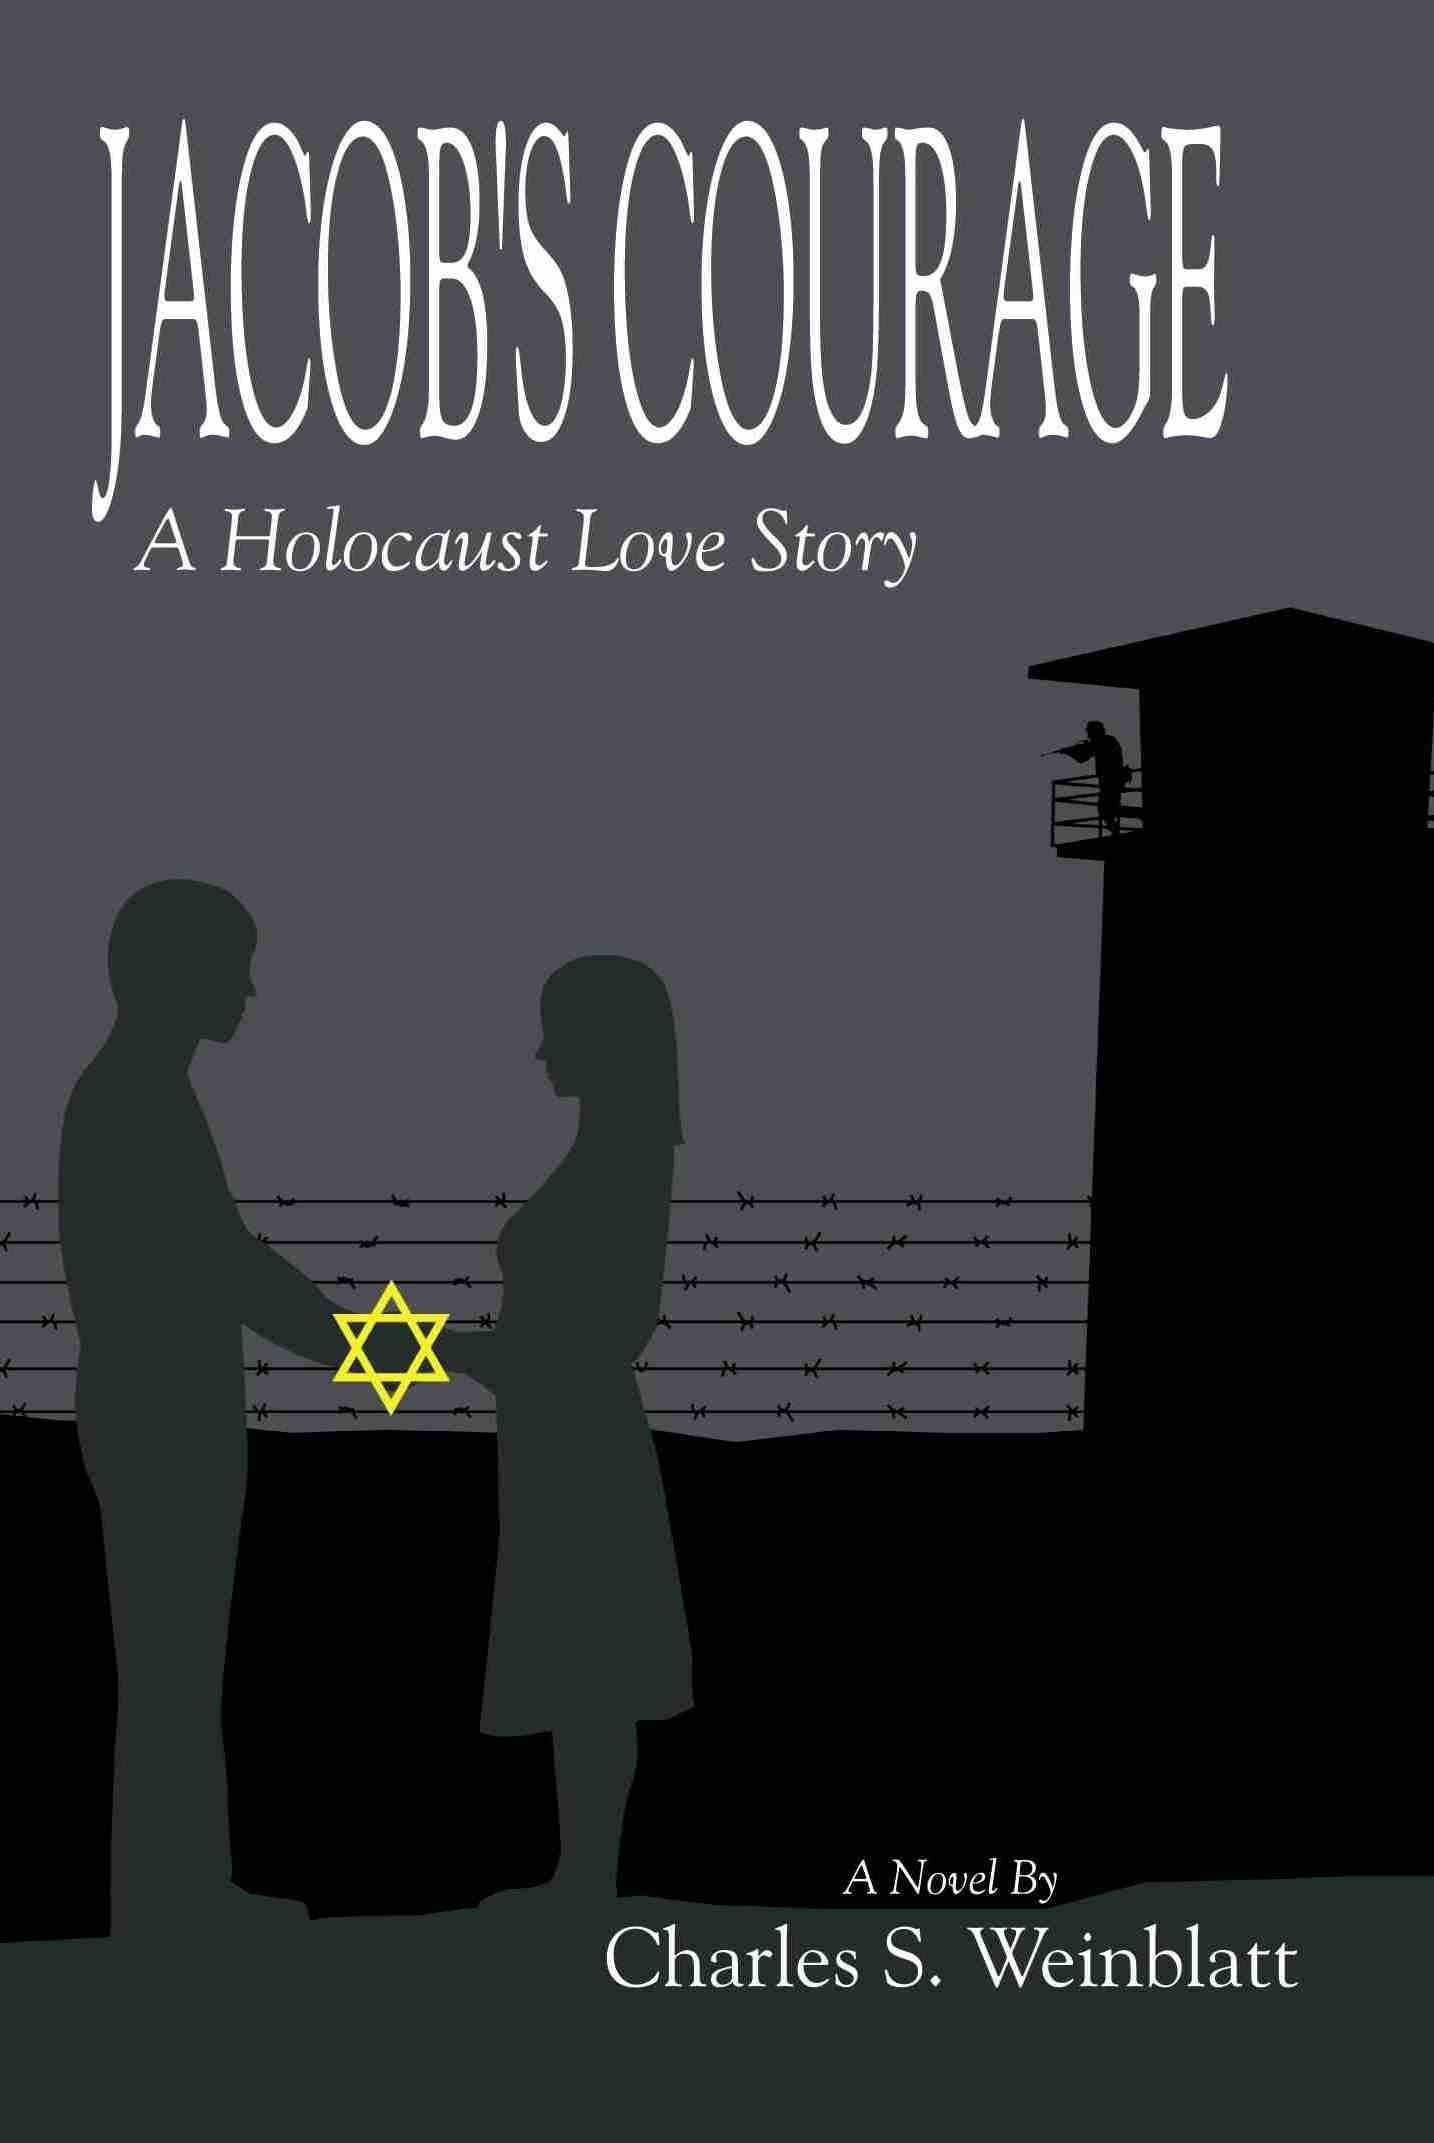 Sneak Peek: Jacob's Courage by Charles S. Weinblatt